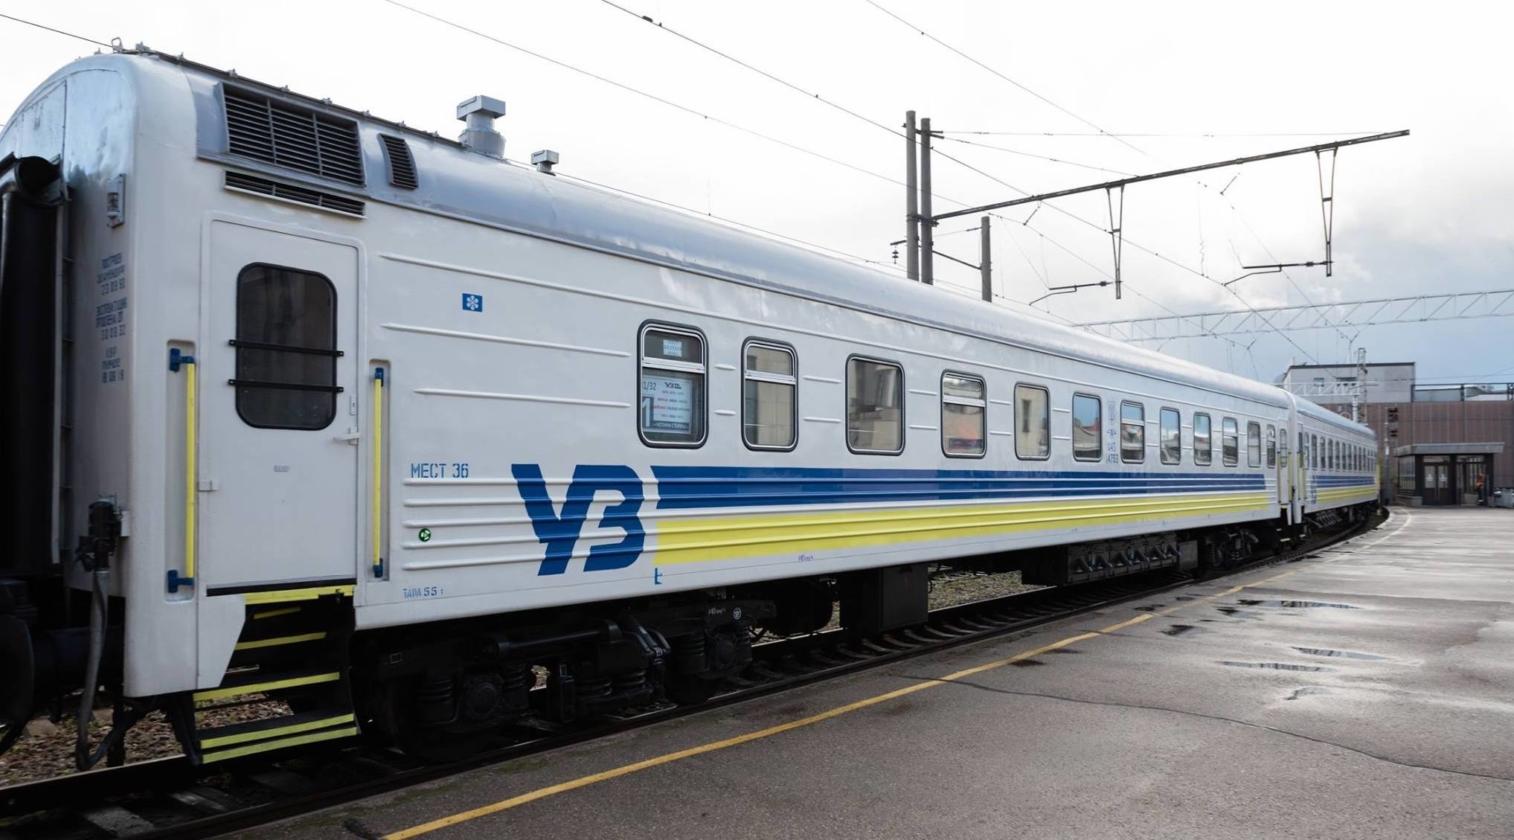 «Укрзализныця» временно отменила возврат билетов через интернет